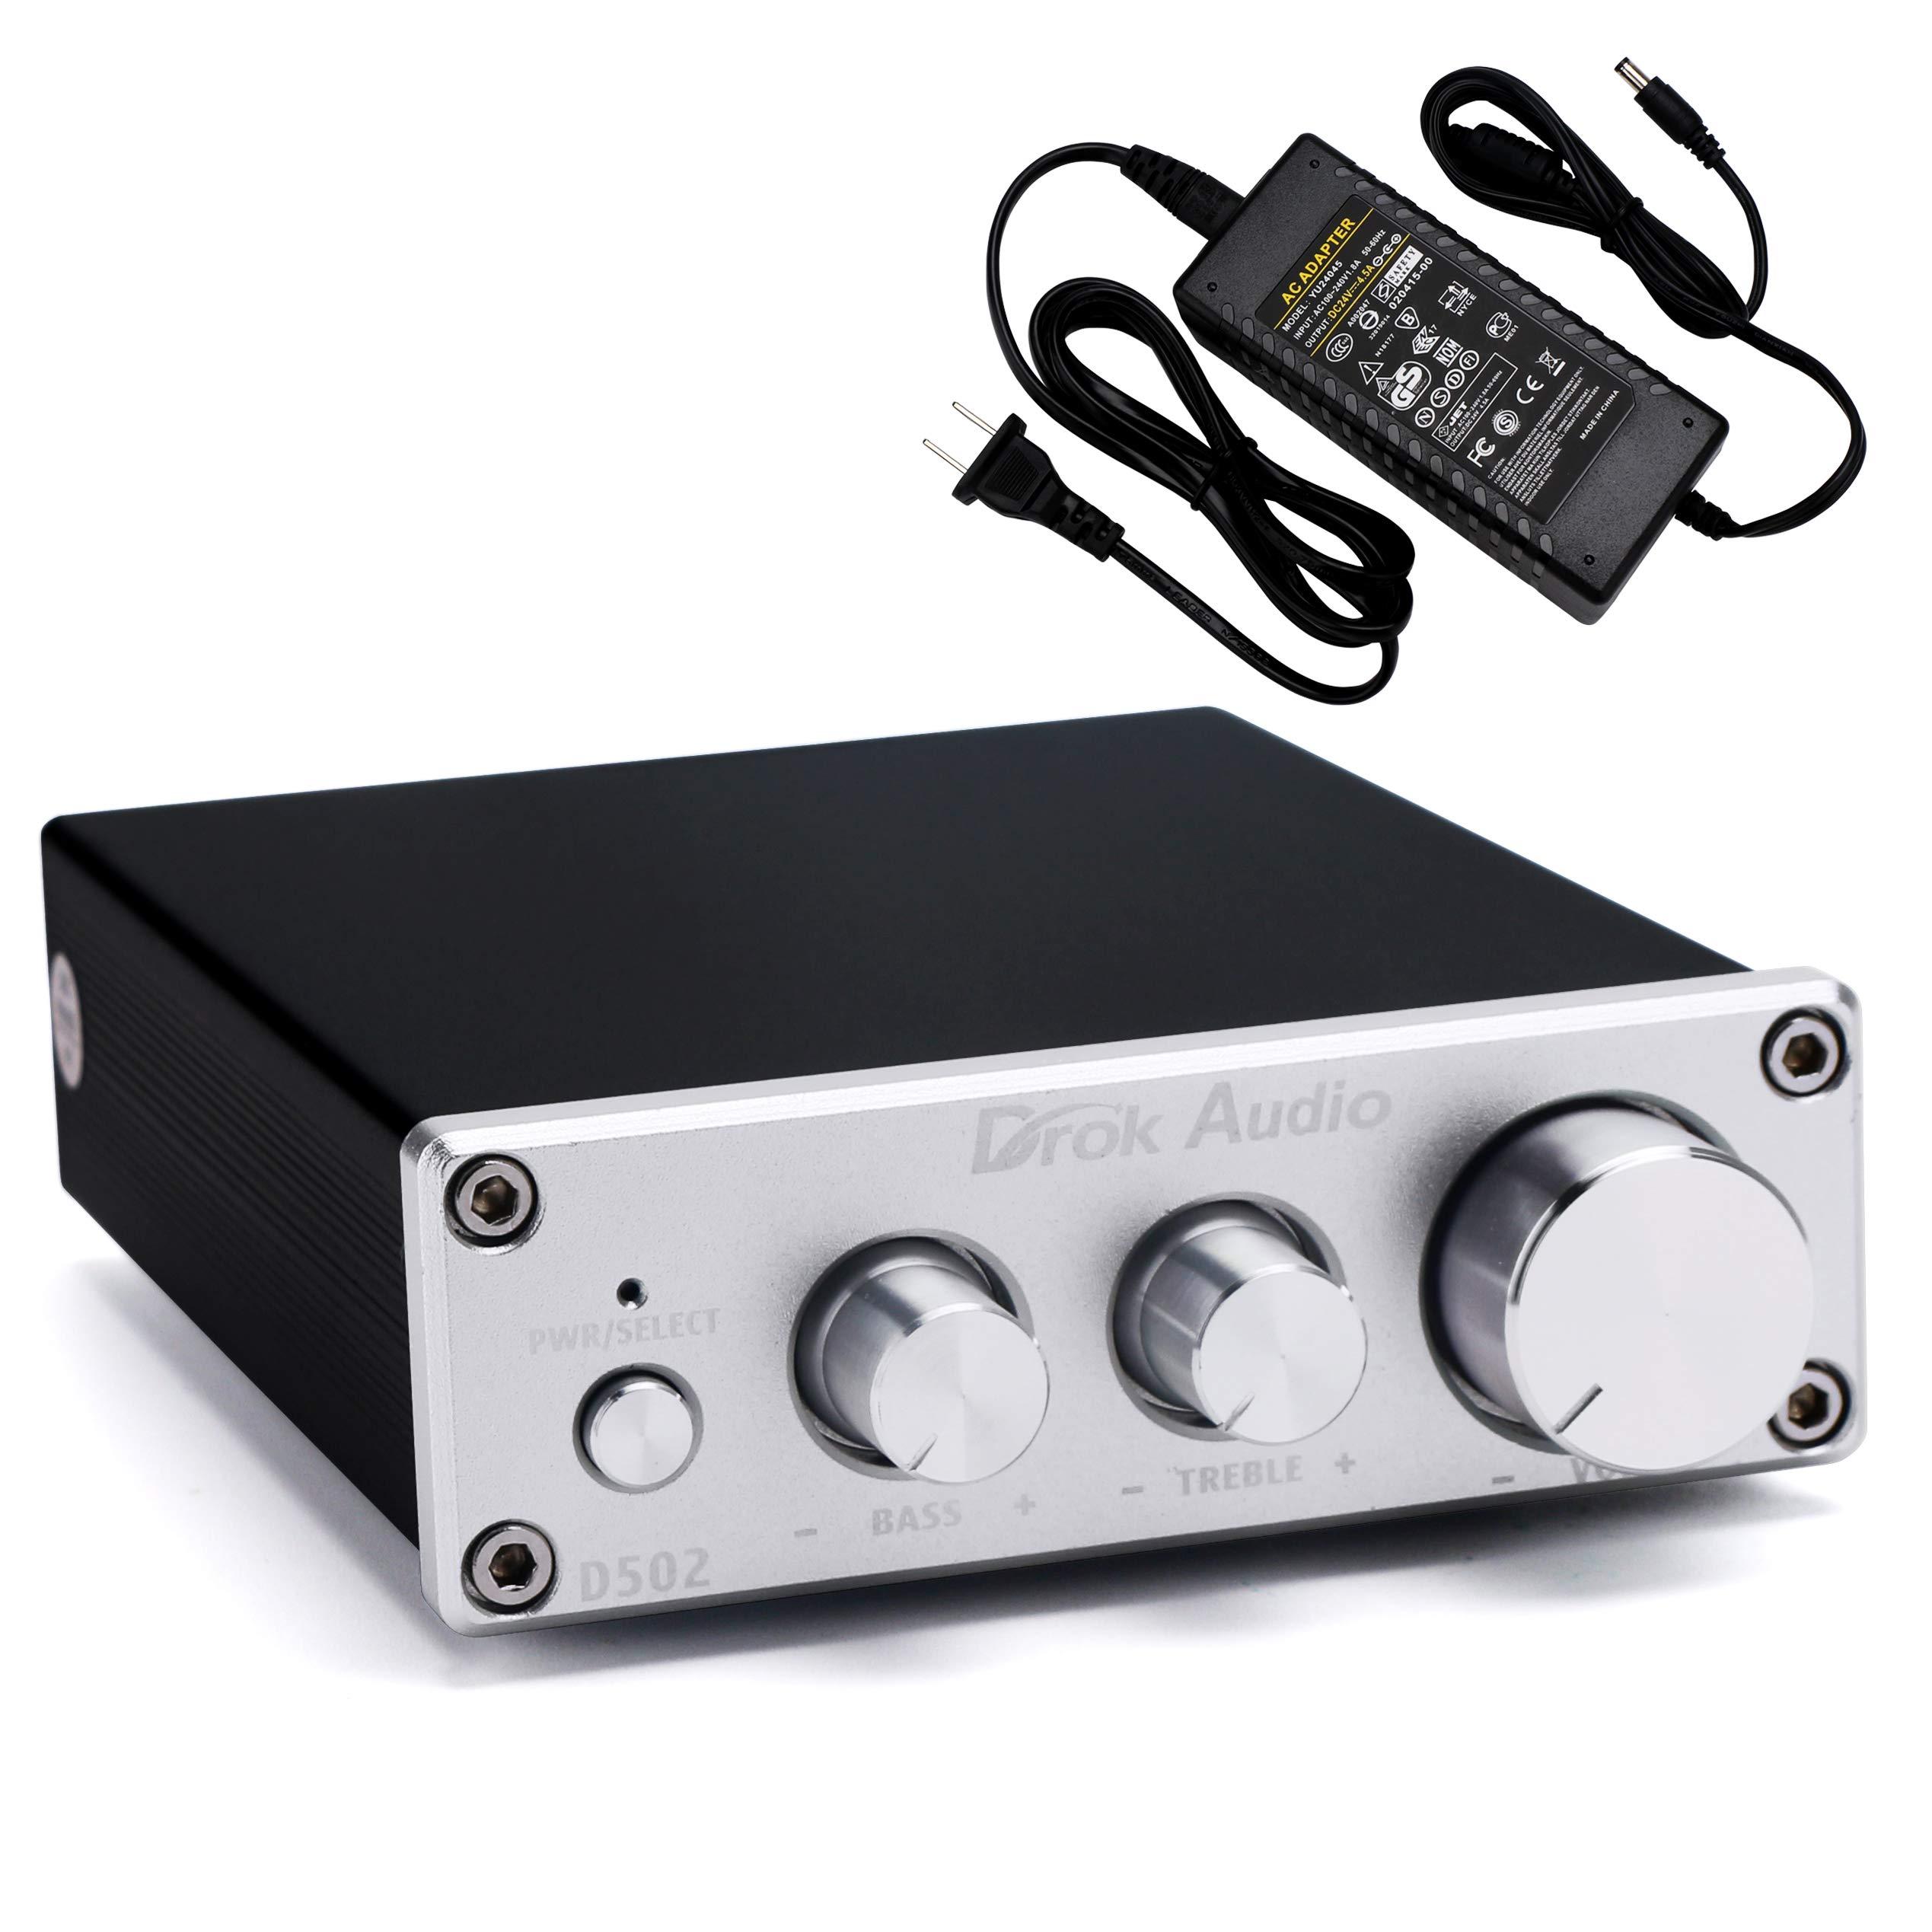 Amplifier DROK Channel Digital 12V 24V